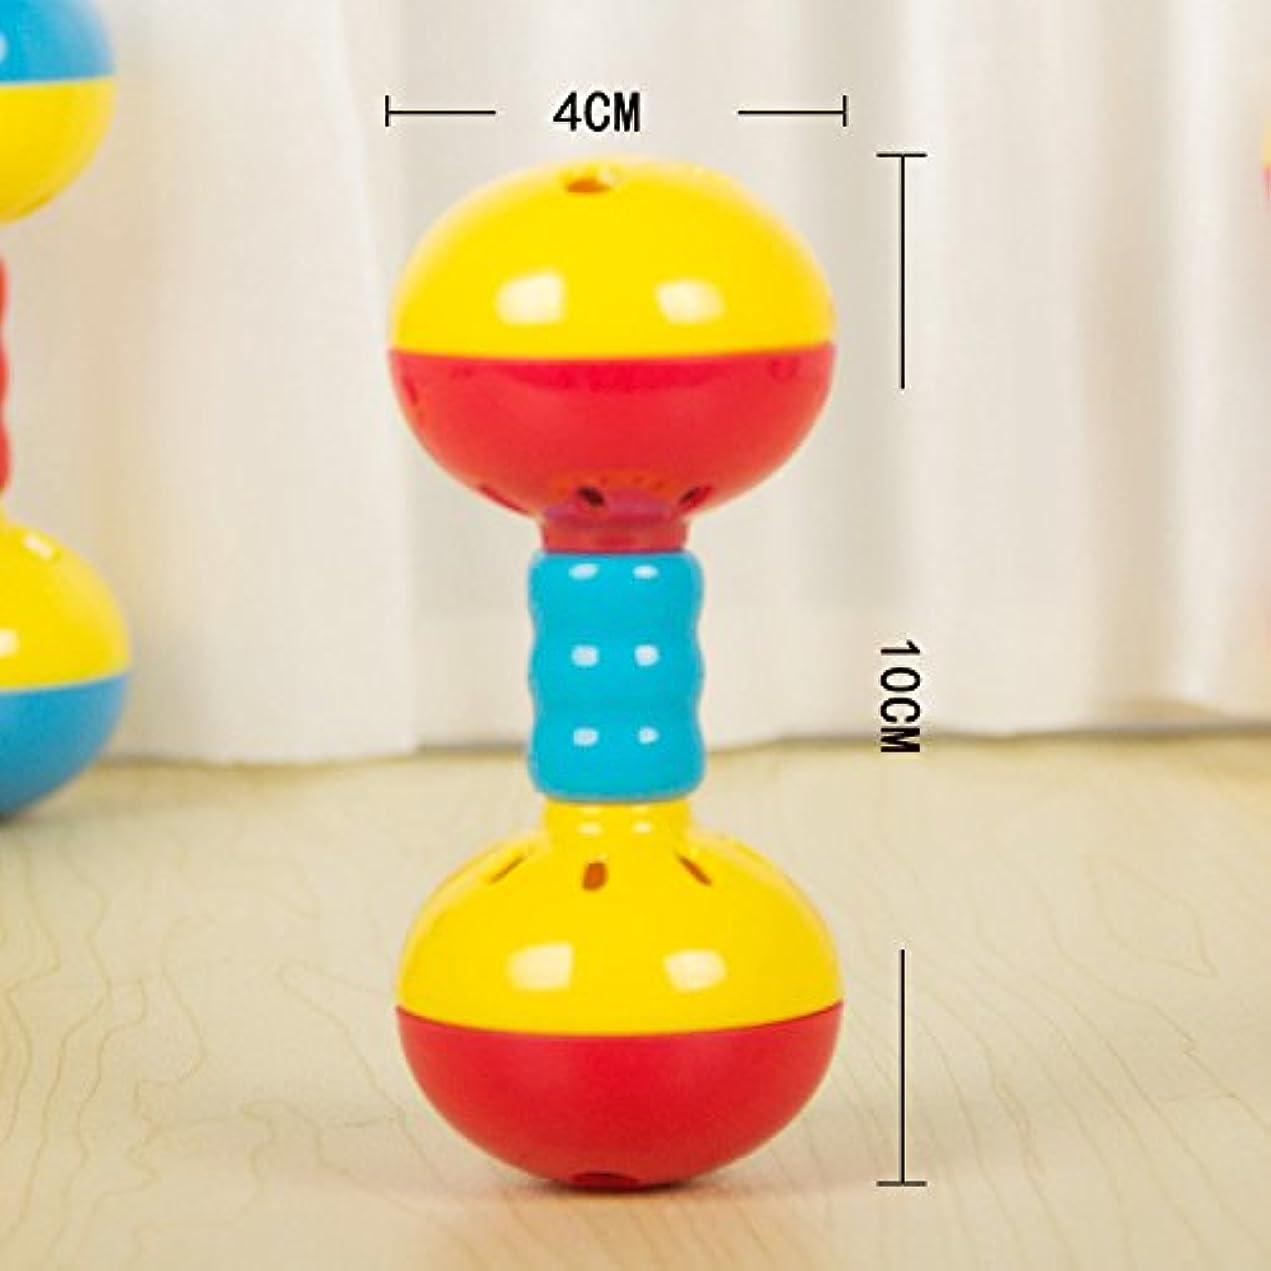 免疫するエジプト人一致するYChoice 可愛い赤ちゃんのおもちゃ ギフト 子供 教育 カラフル 感覚 ベル リング ガラガラ キッズ 面白いおもちゃ ギフト